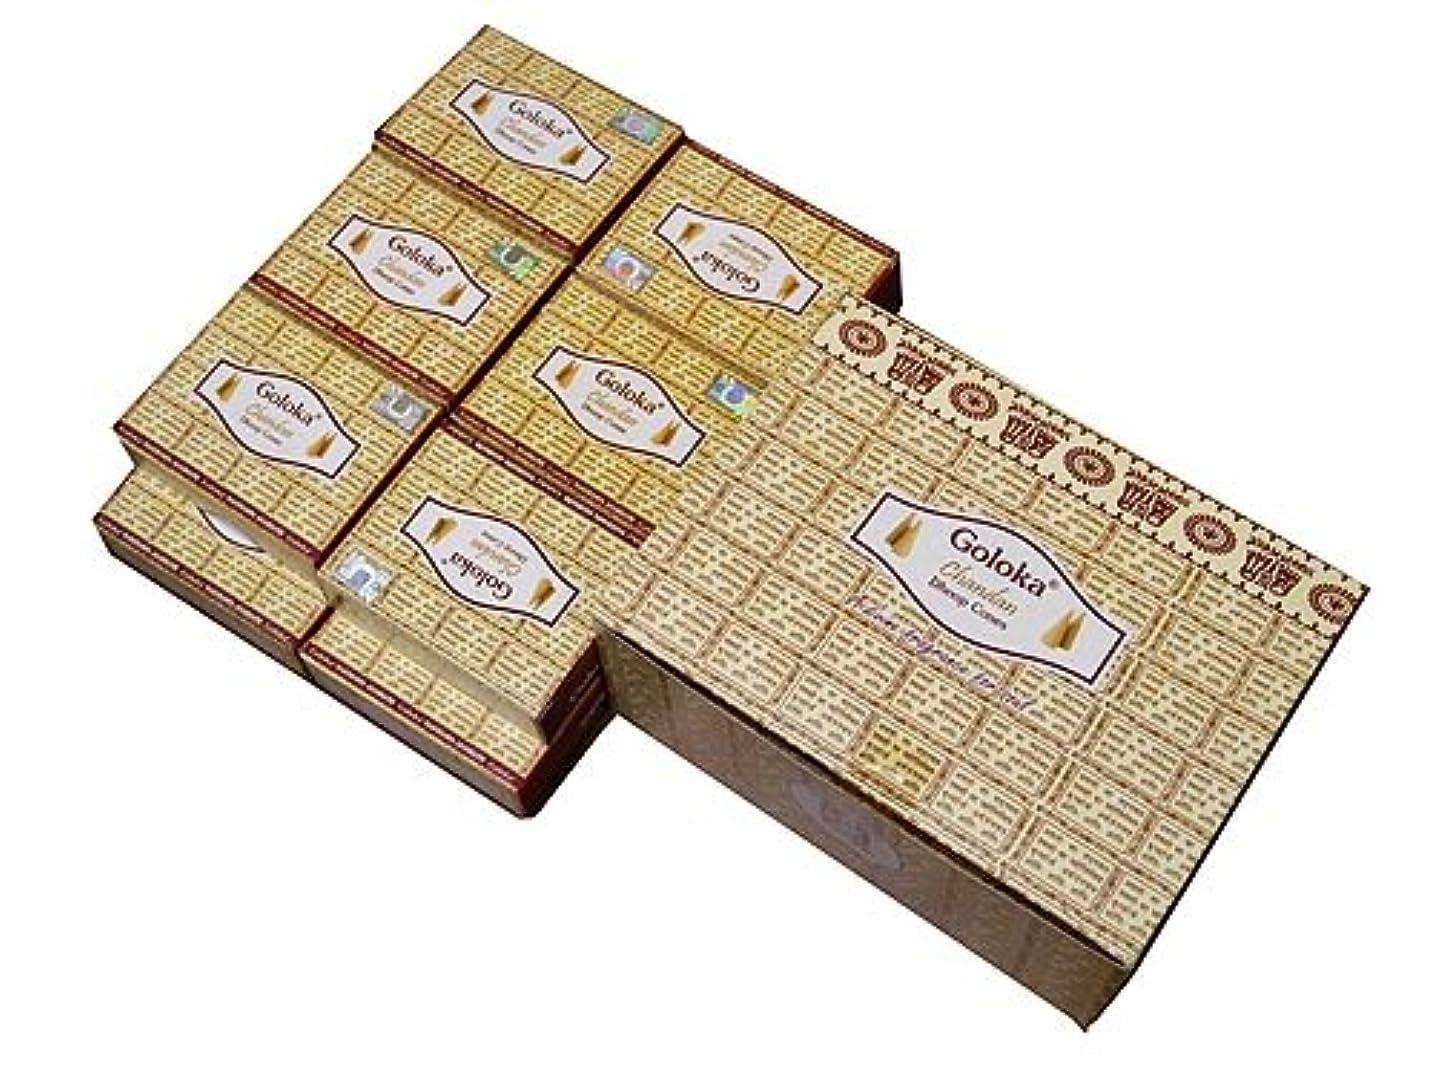 GOLOKA(ゴロカ) ゴロカ チャンダン香 コーンタイプ CHANDAN CORN 12箱セット